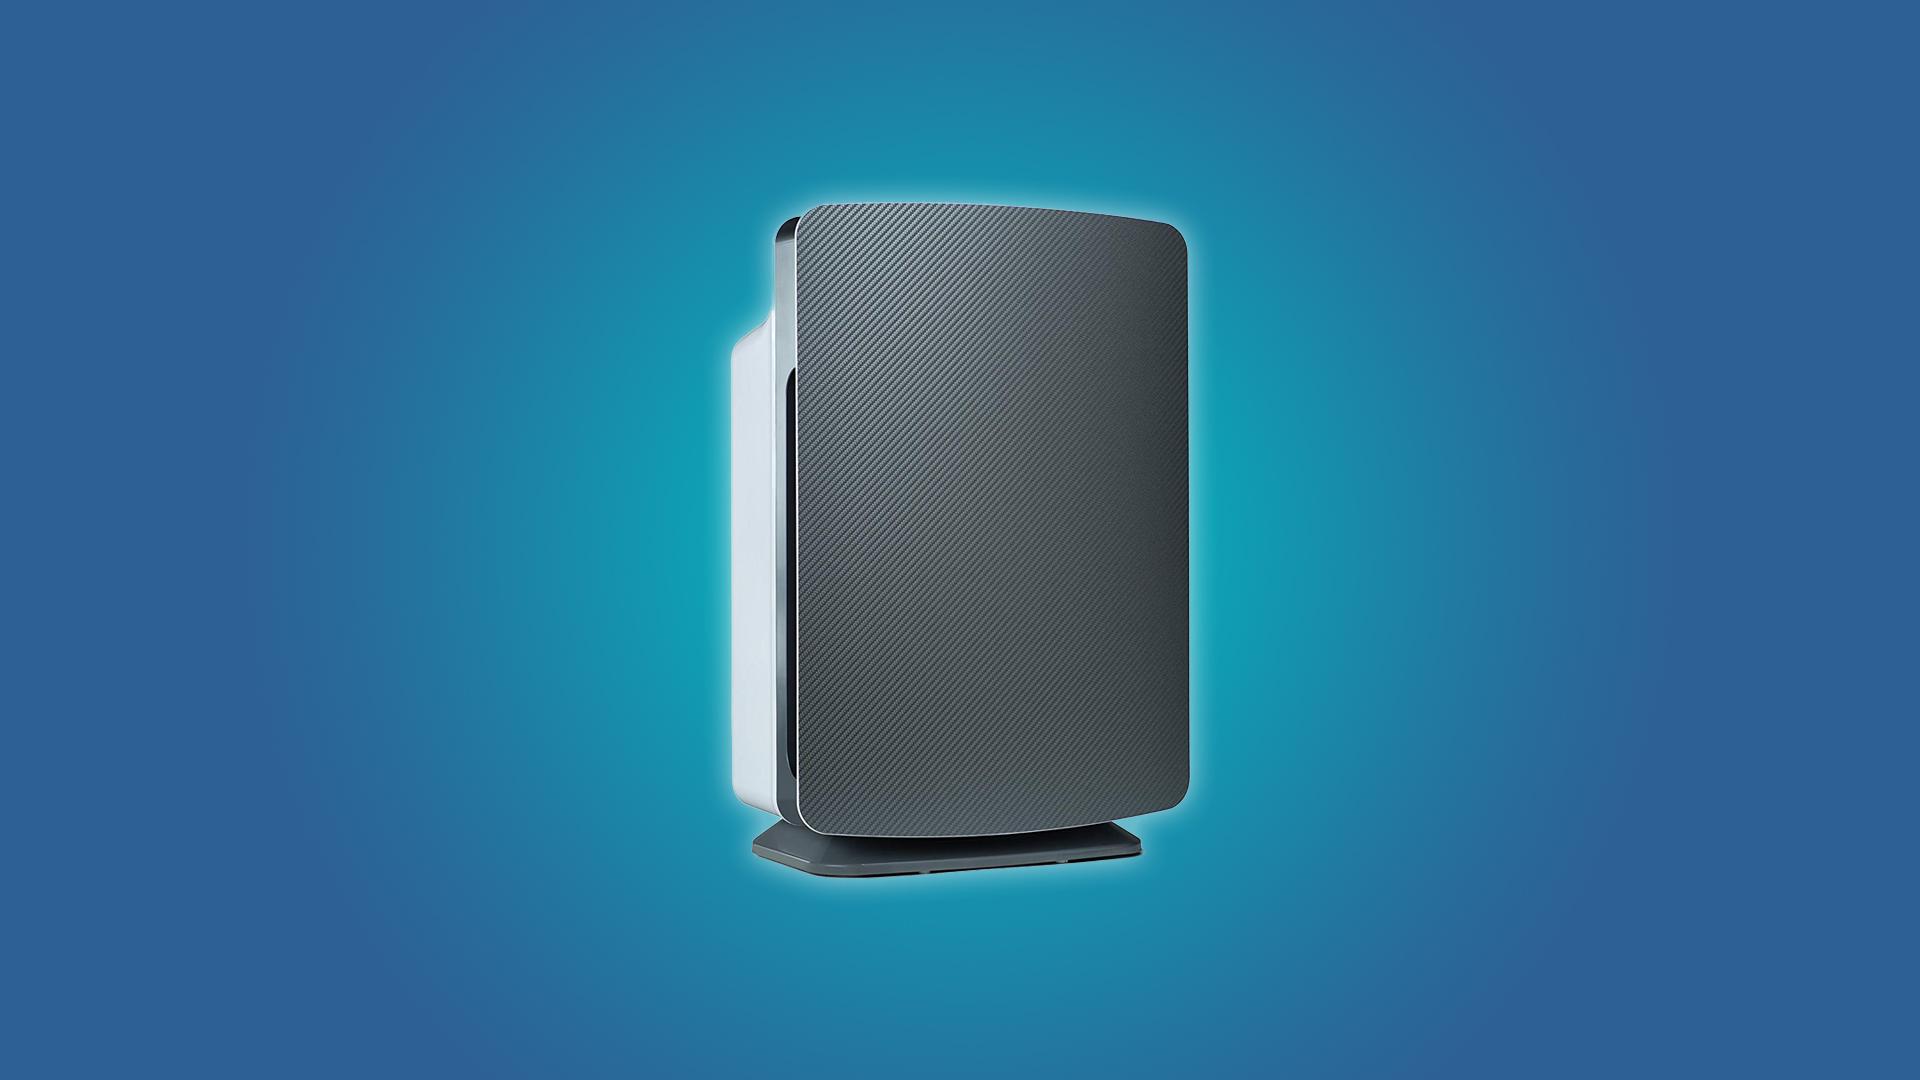 The Alen BreatheSmart Classic Large Air Purifier